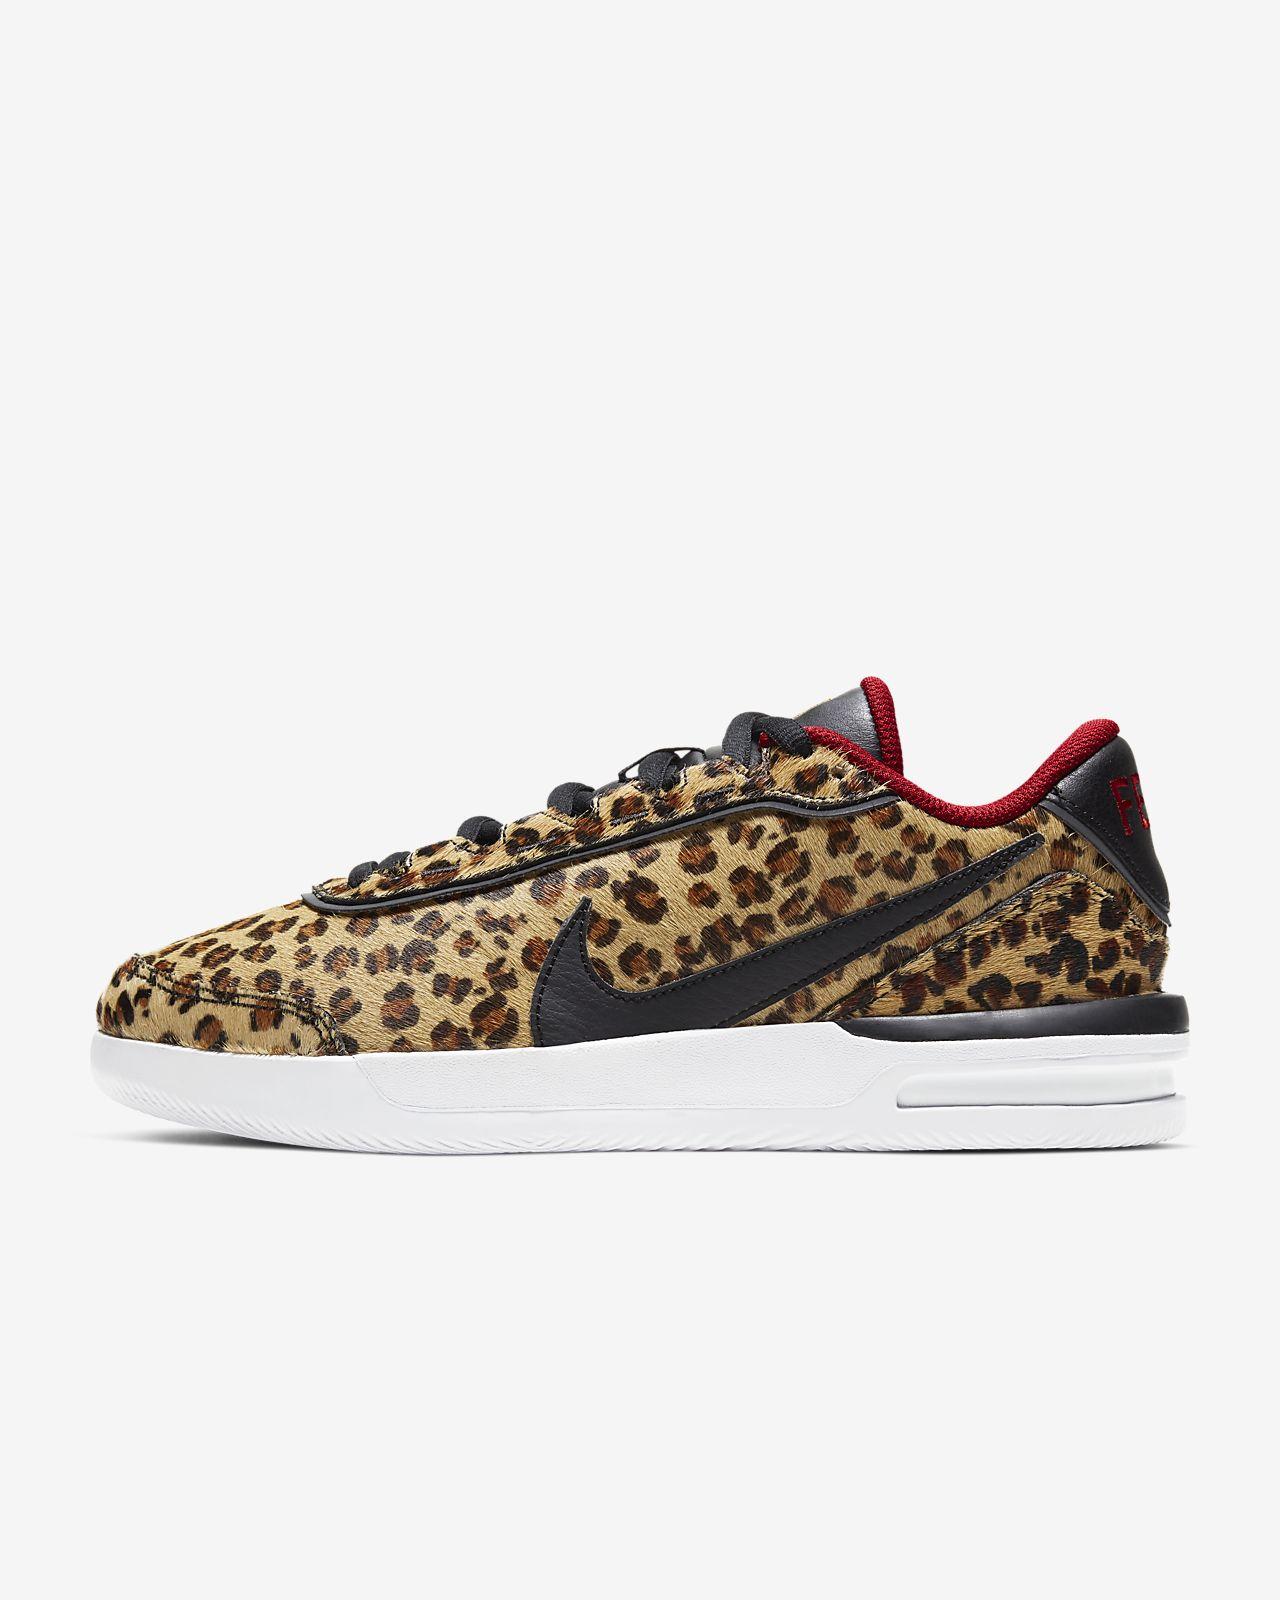 NikeCourt Air Vapor Wing Premium Zapatillas de tenis para todo tipo de superficies - Mujer